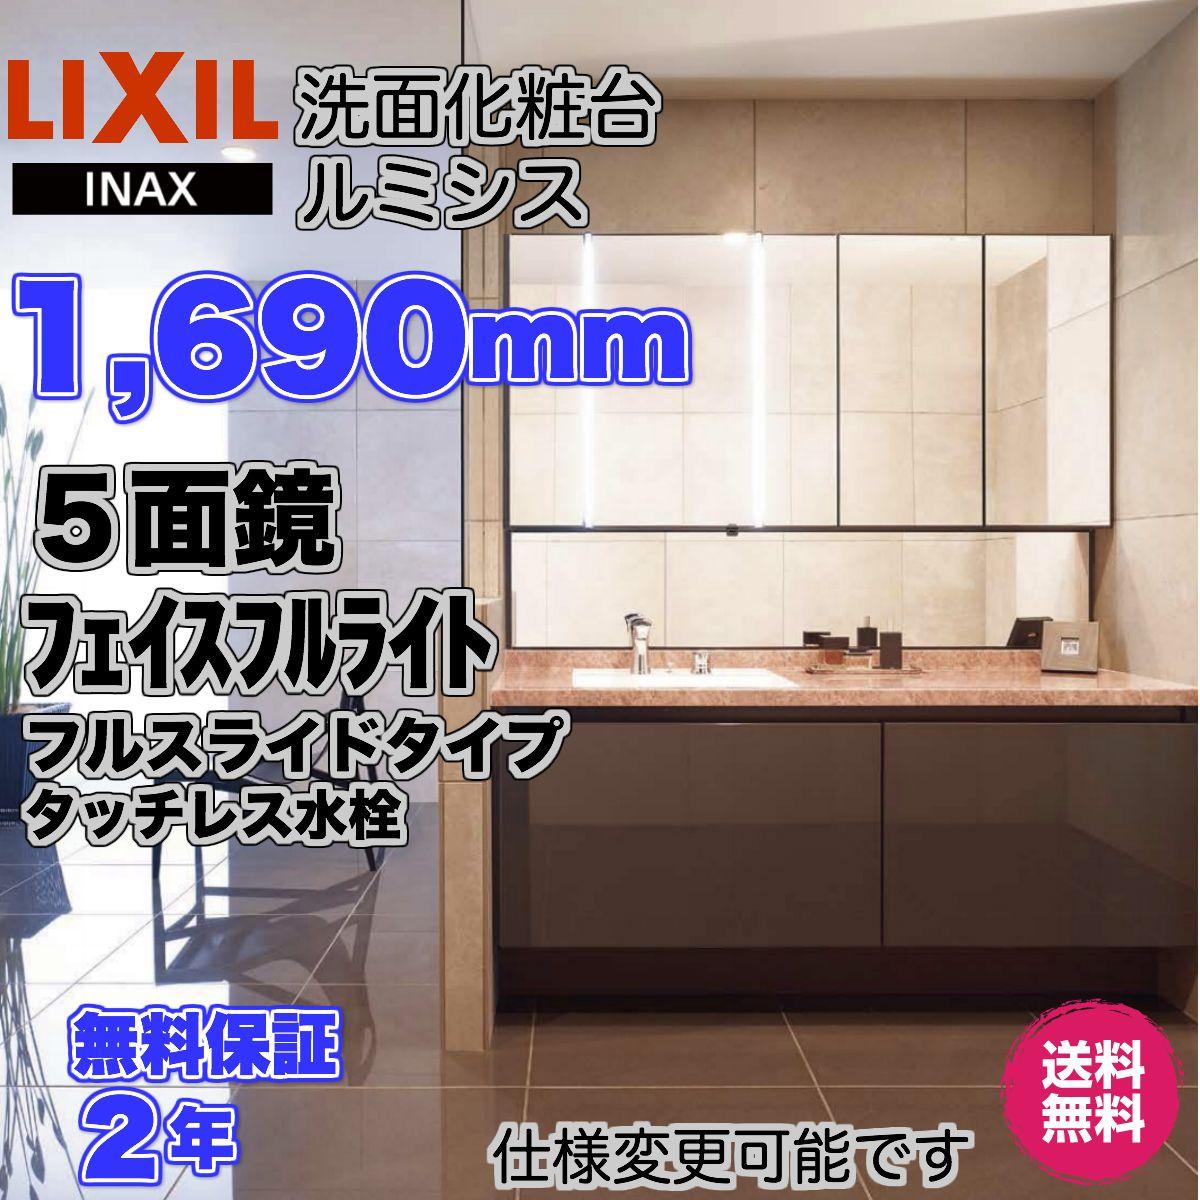 楽天市場 リクシル ルミシス 洗面化粧台 1500mm幅 ハイバックベッセル